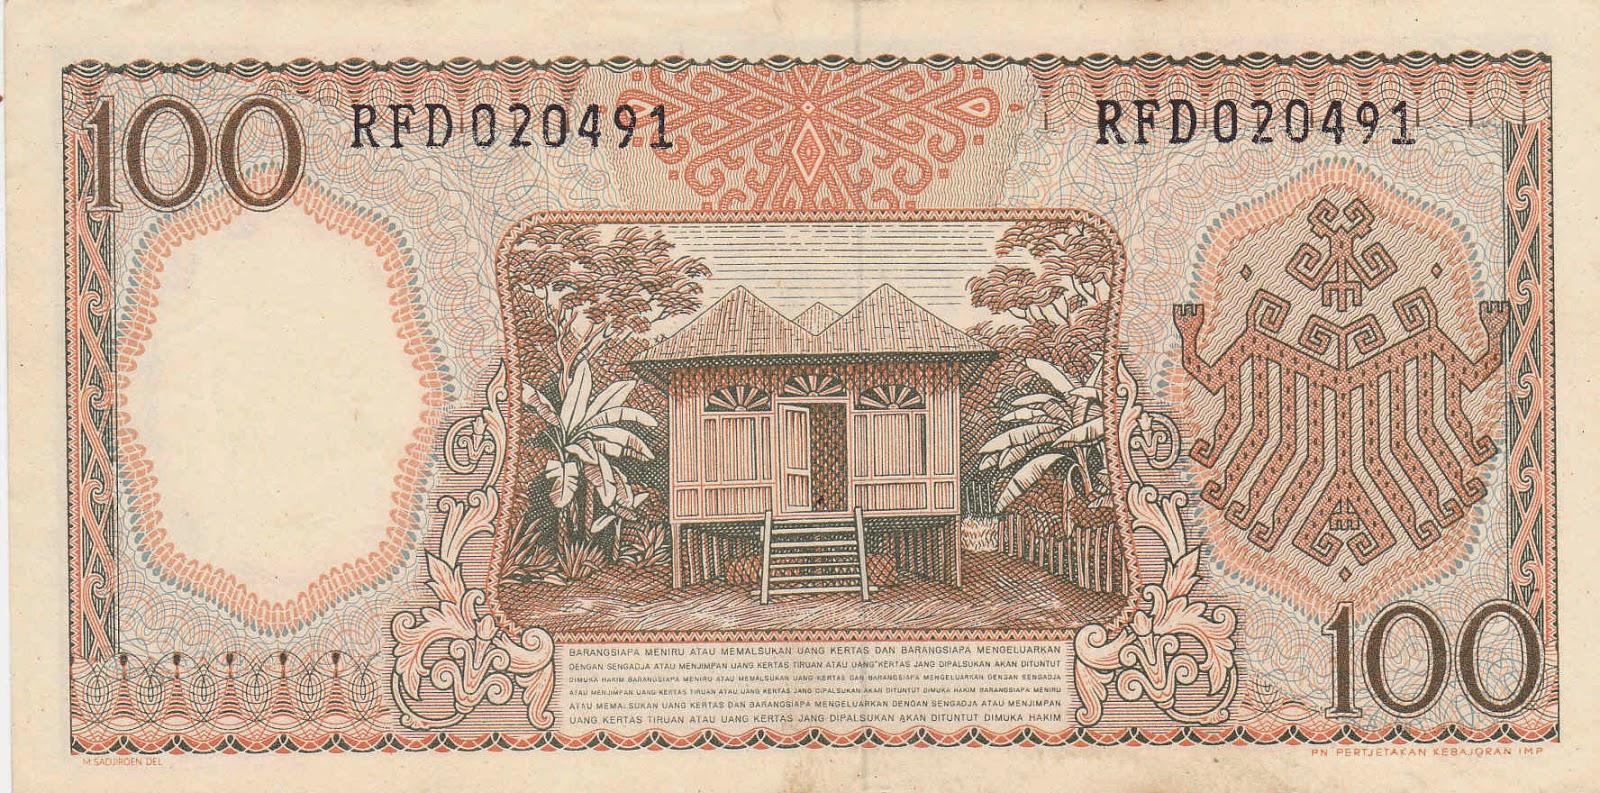 uang kuno Seri pekerja tangan tahun 1964 pecahan 100 rupiah ( Merah )